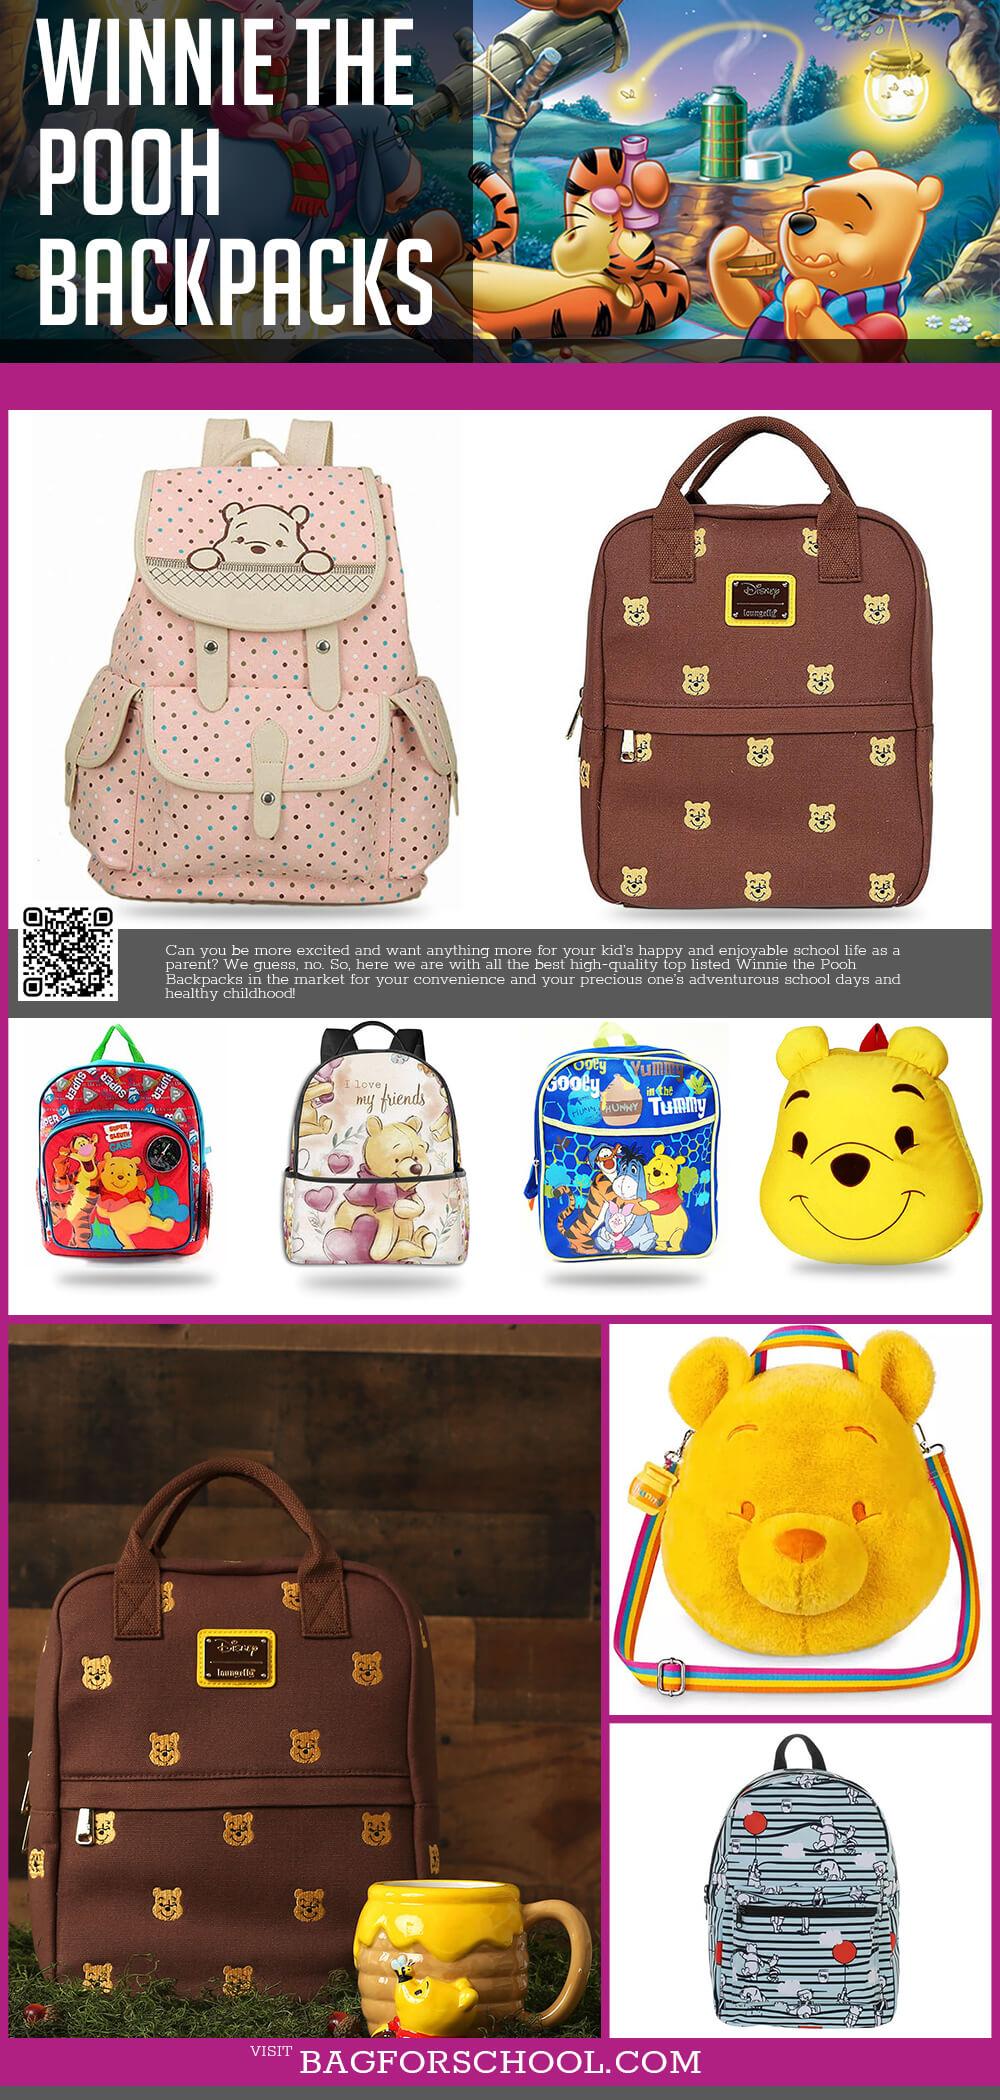 Winnie The Pooh Backpacks